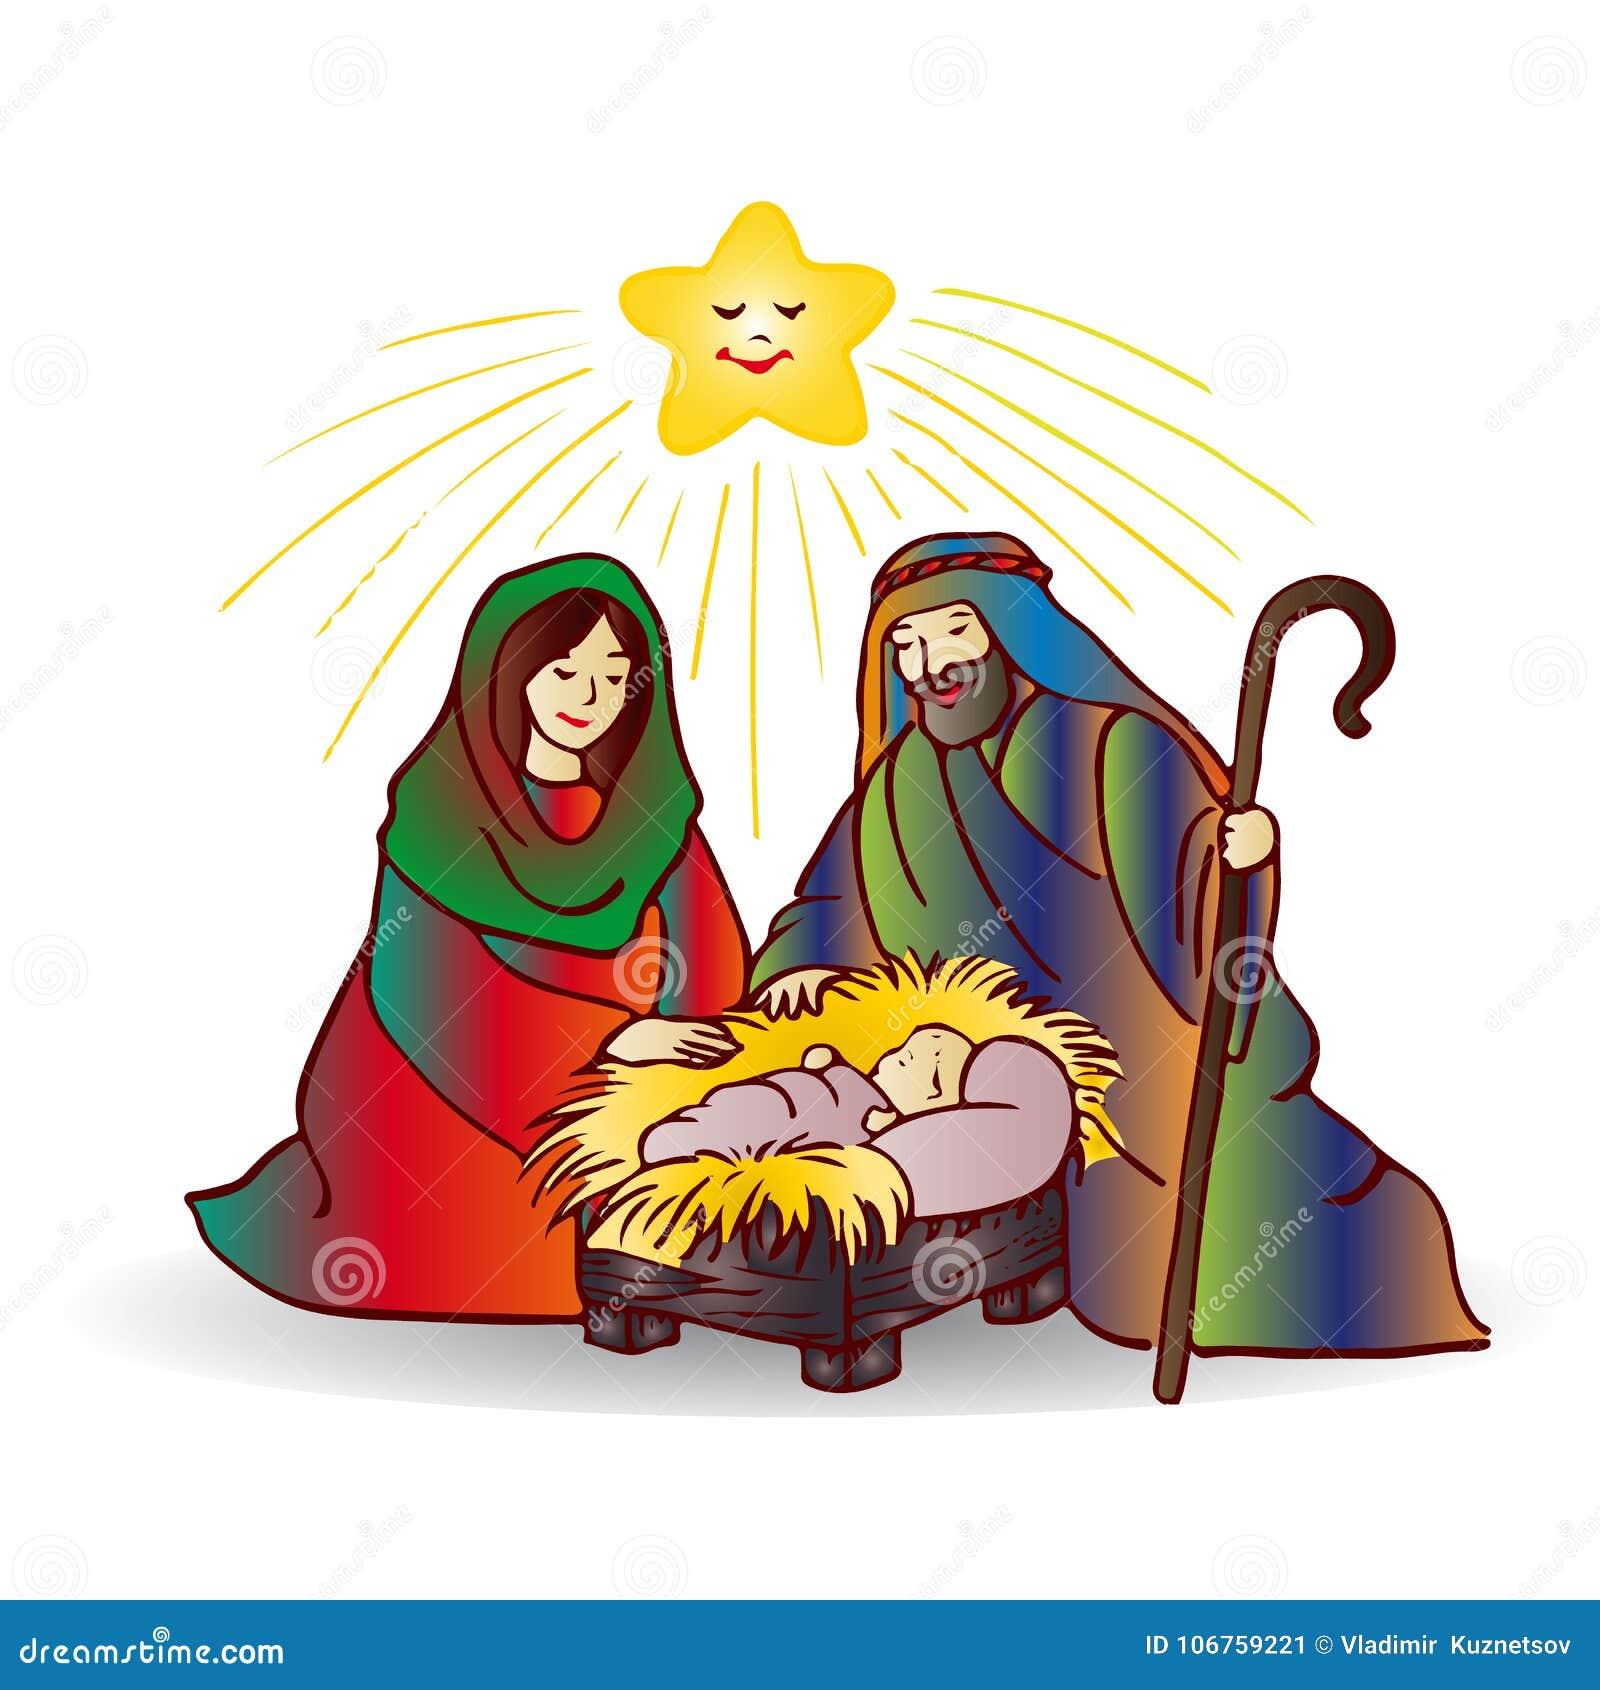 Illustration Of Christmas Jesus Christ, Cartoon On White Backg Stock ...